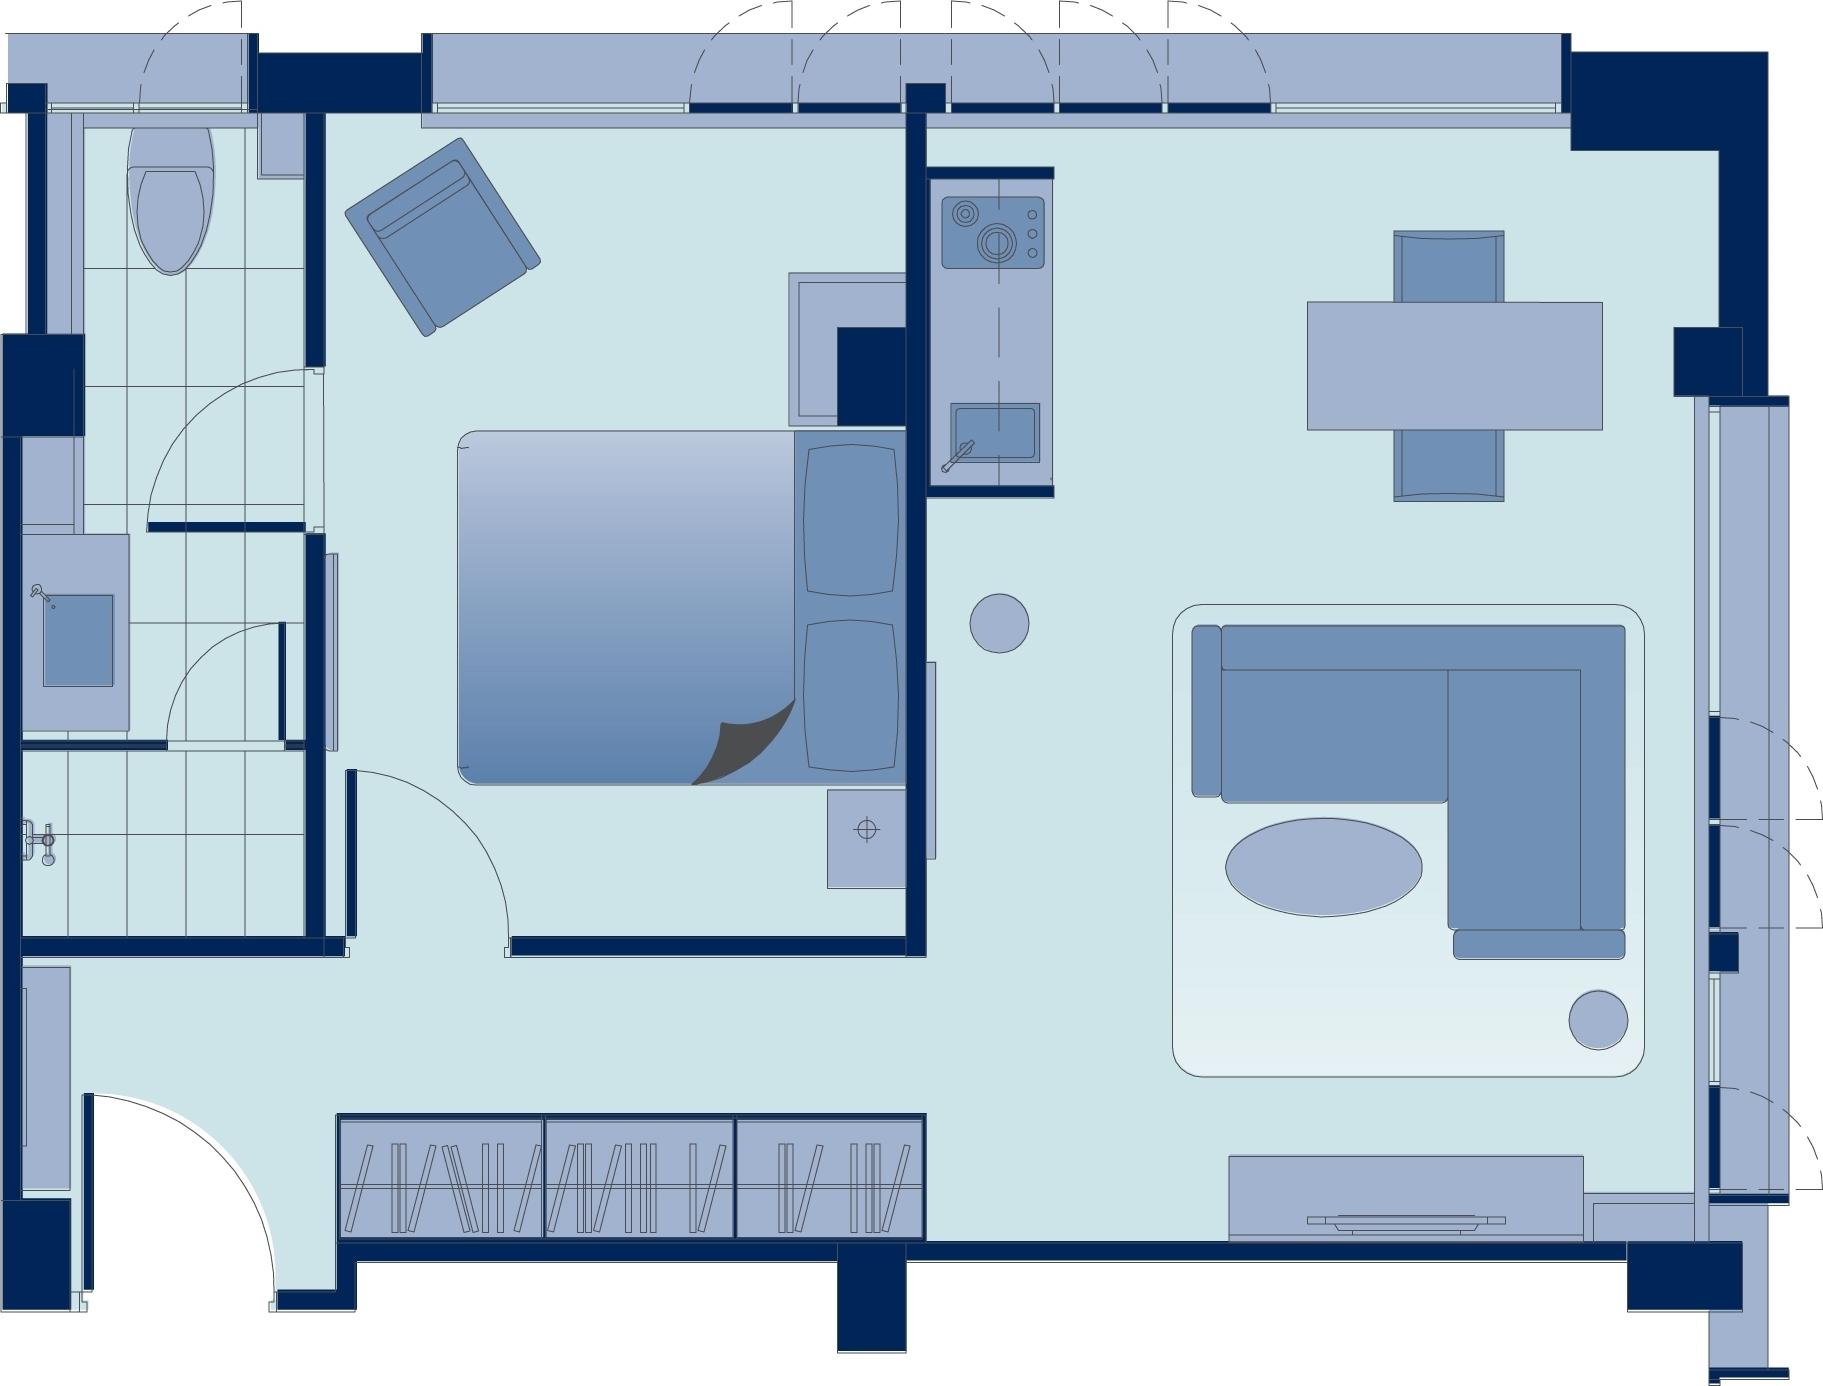 Floor plan 1 at Tsim Sha Tsui Apartments